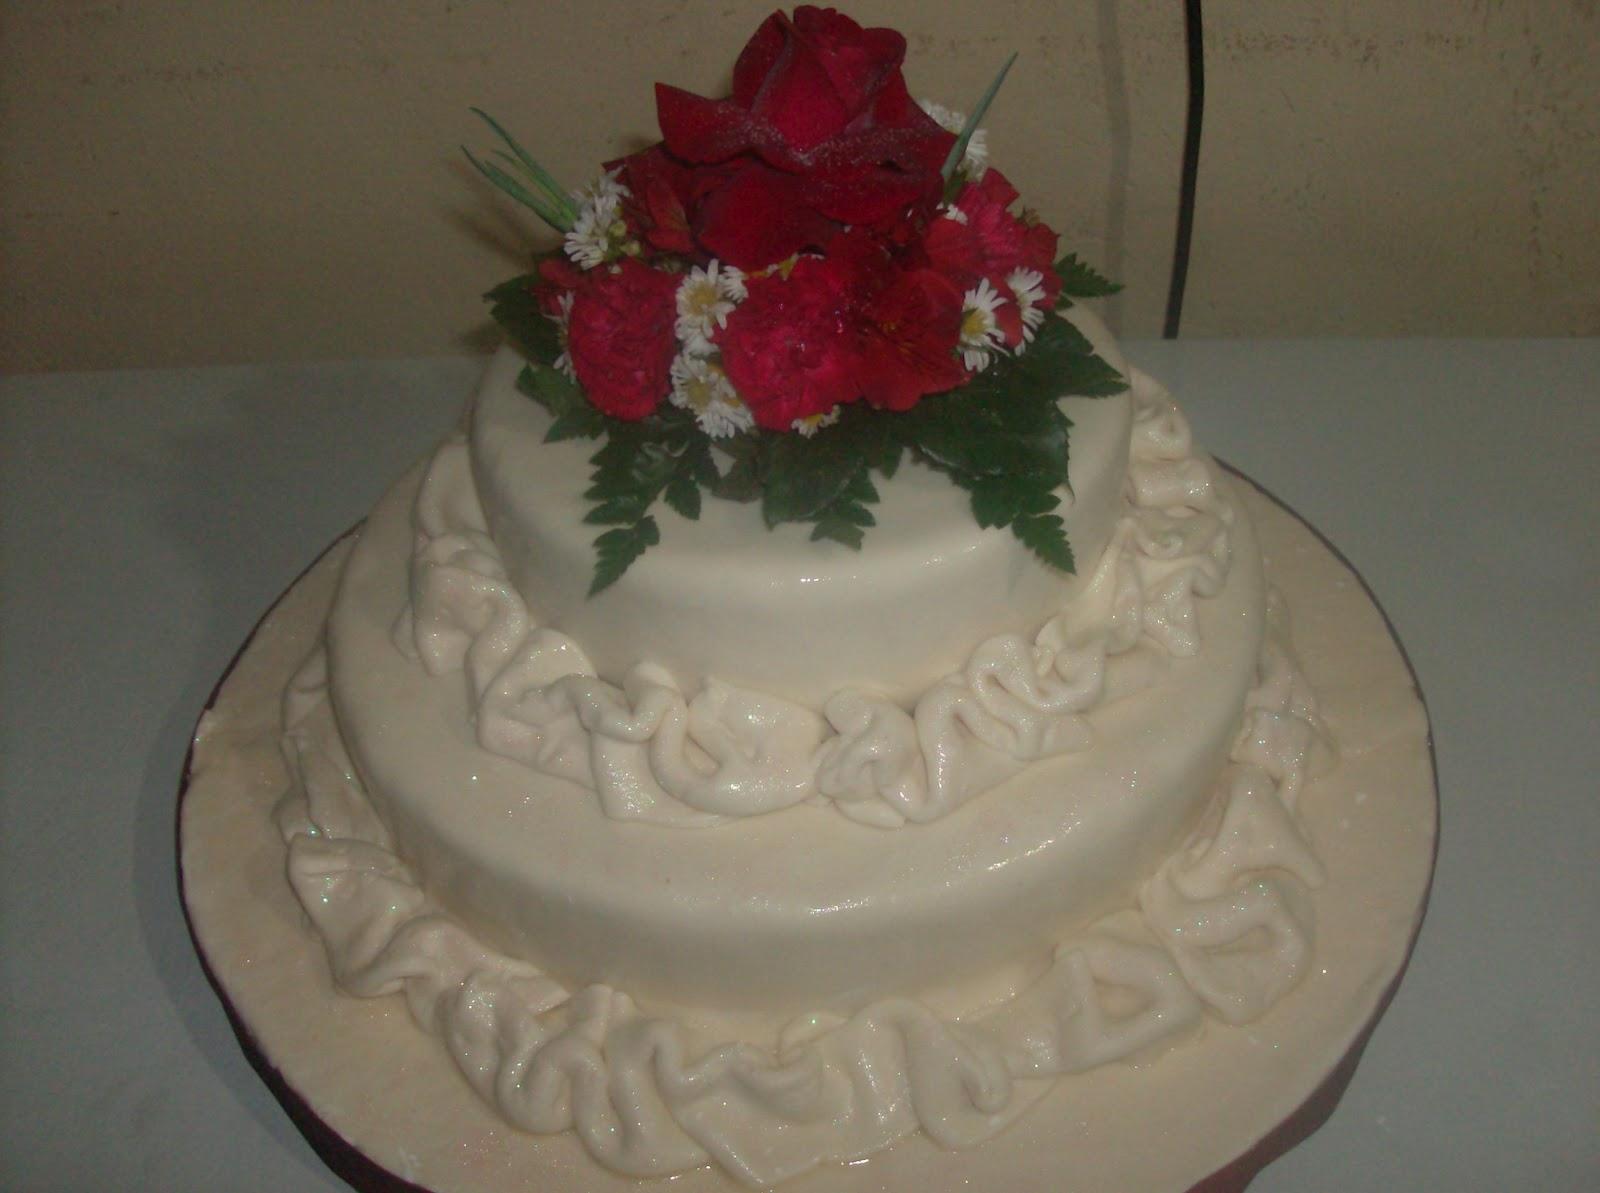 Pin bellas tortas y gelatinas decoradas infantiles comuni for Tortas decoradas infantiles